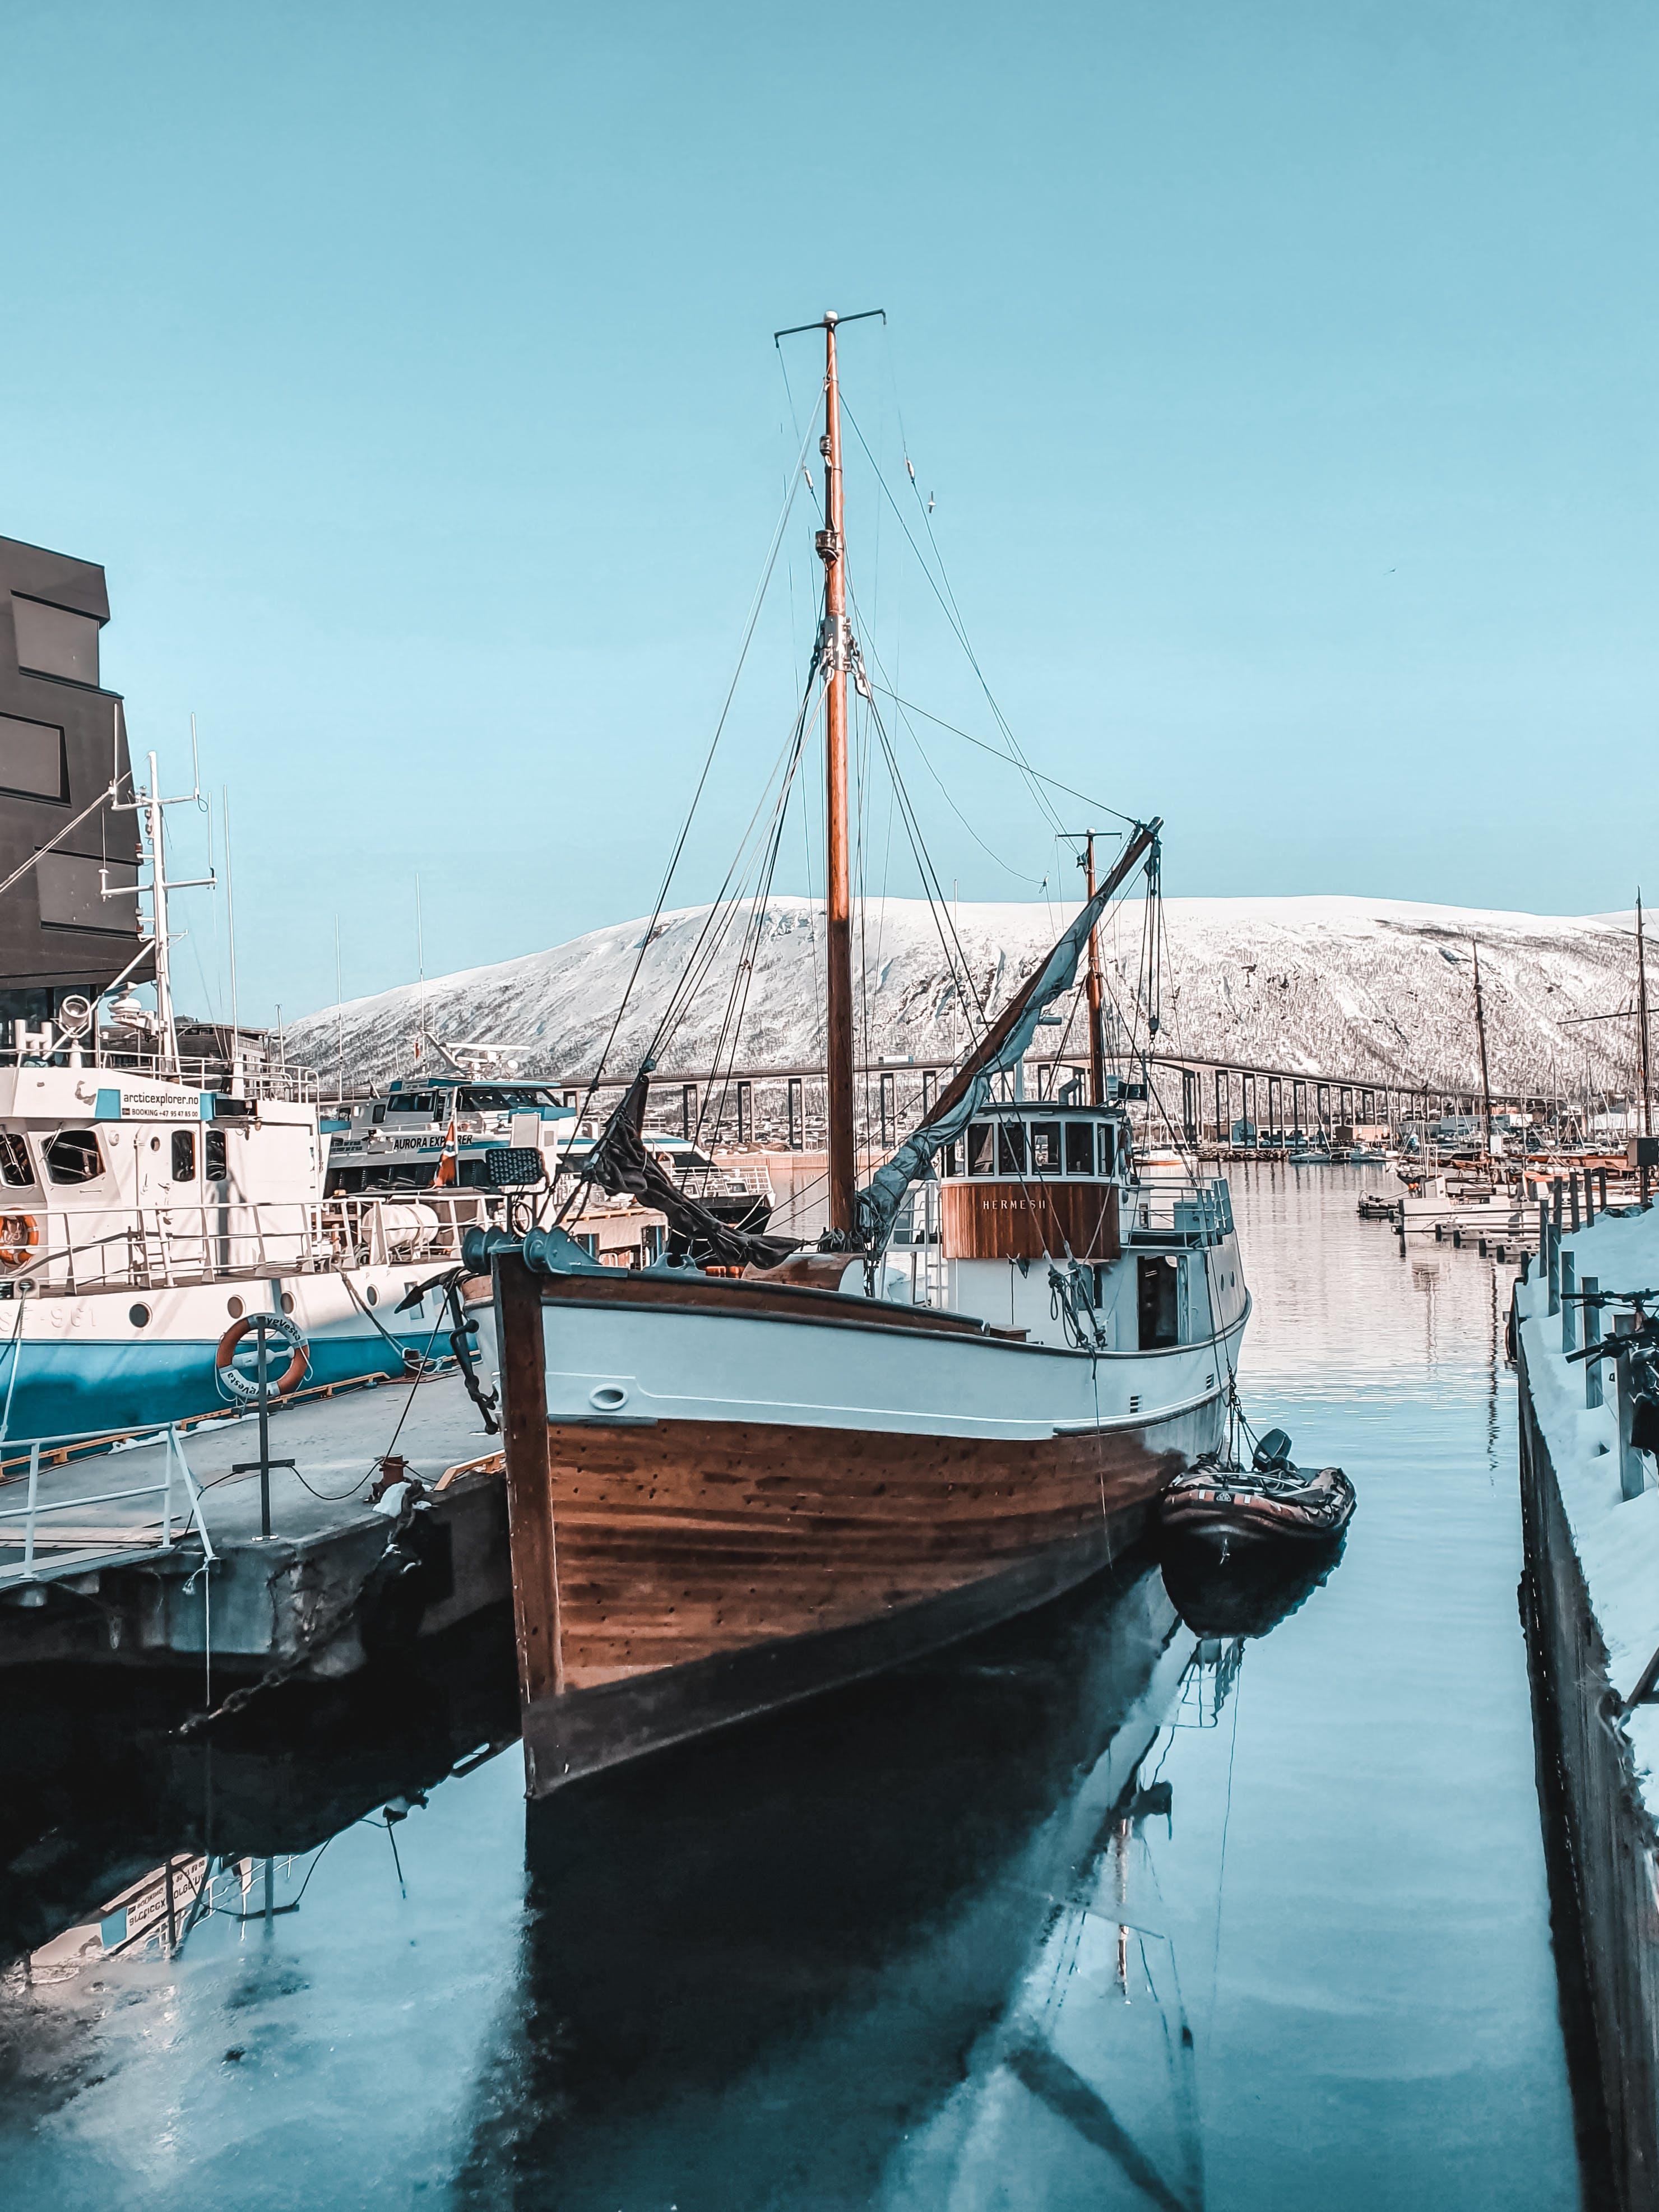 Бесплатное стоковое фото с водный транспорт, гавань, лодка, море